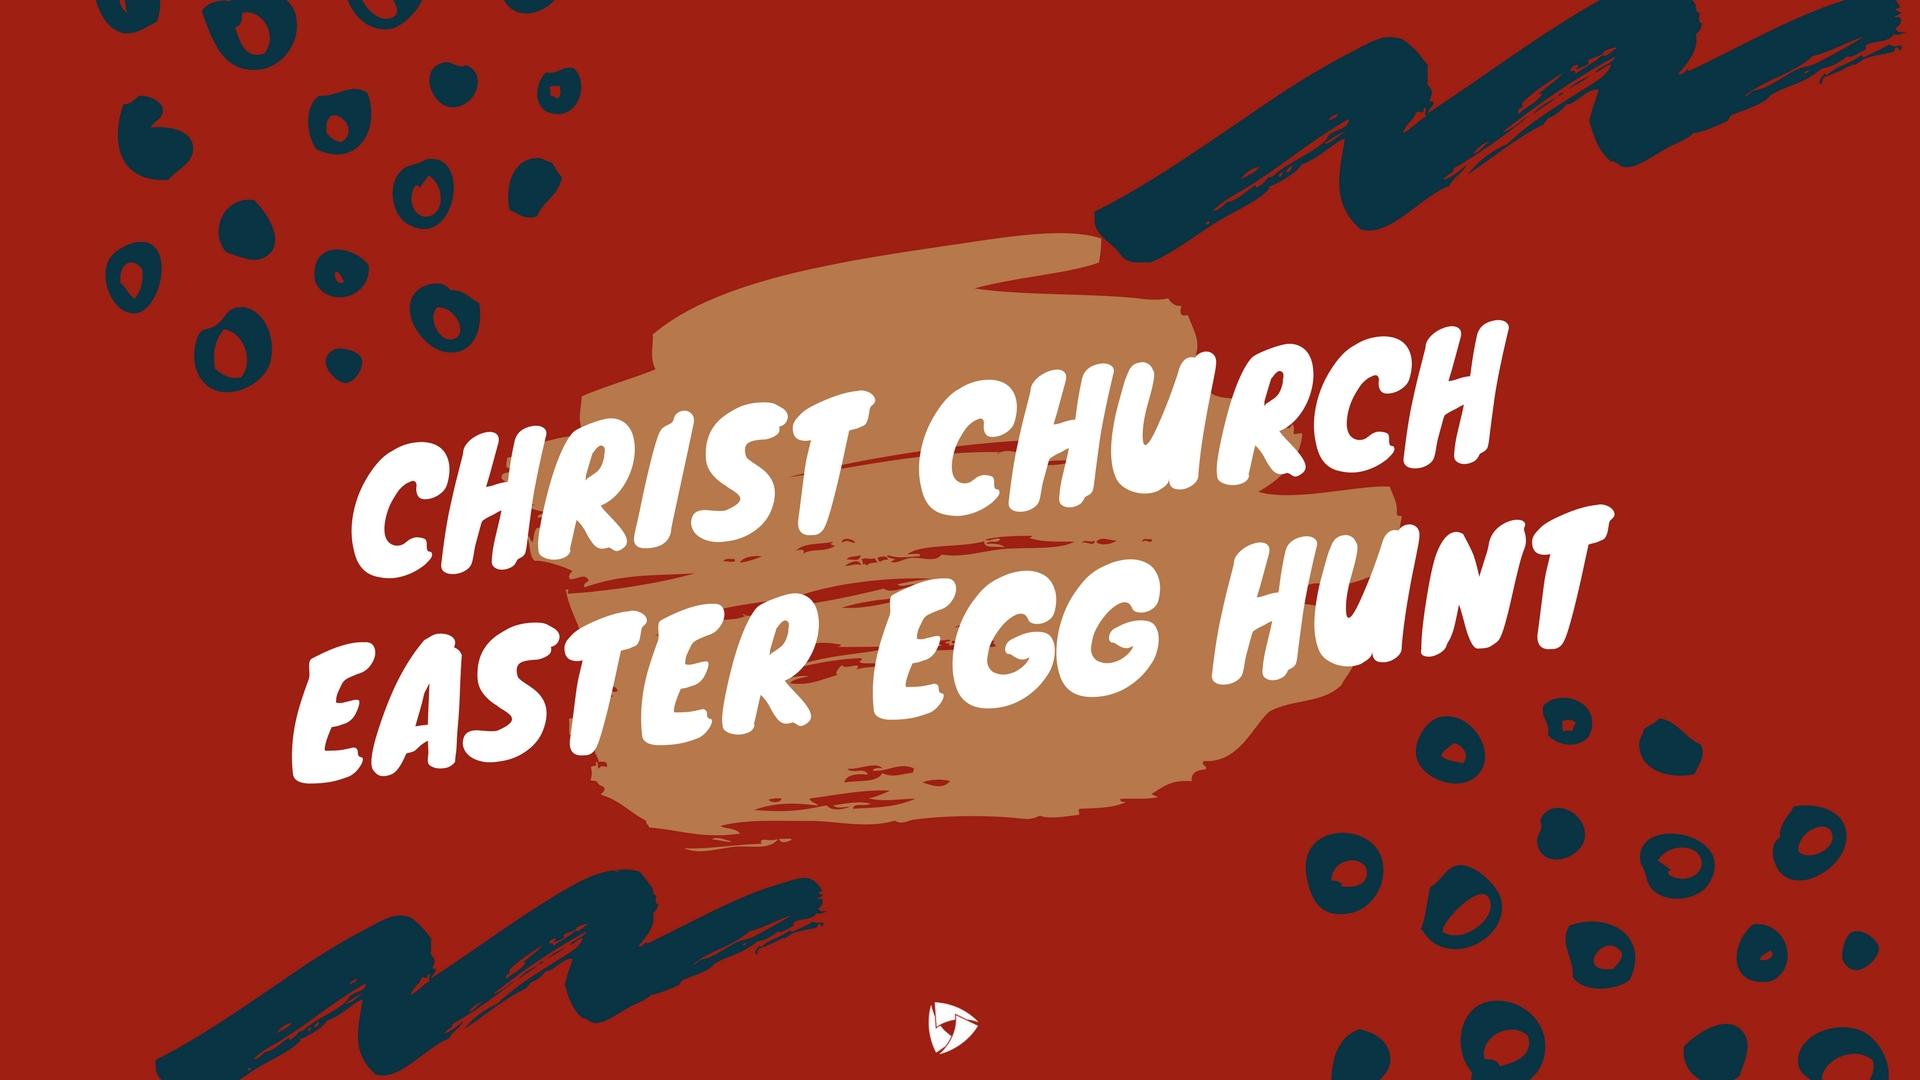 Egg hunt 2018  2